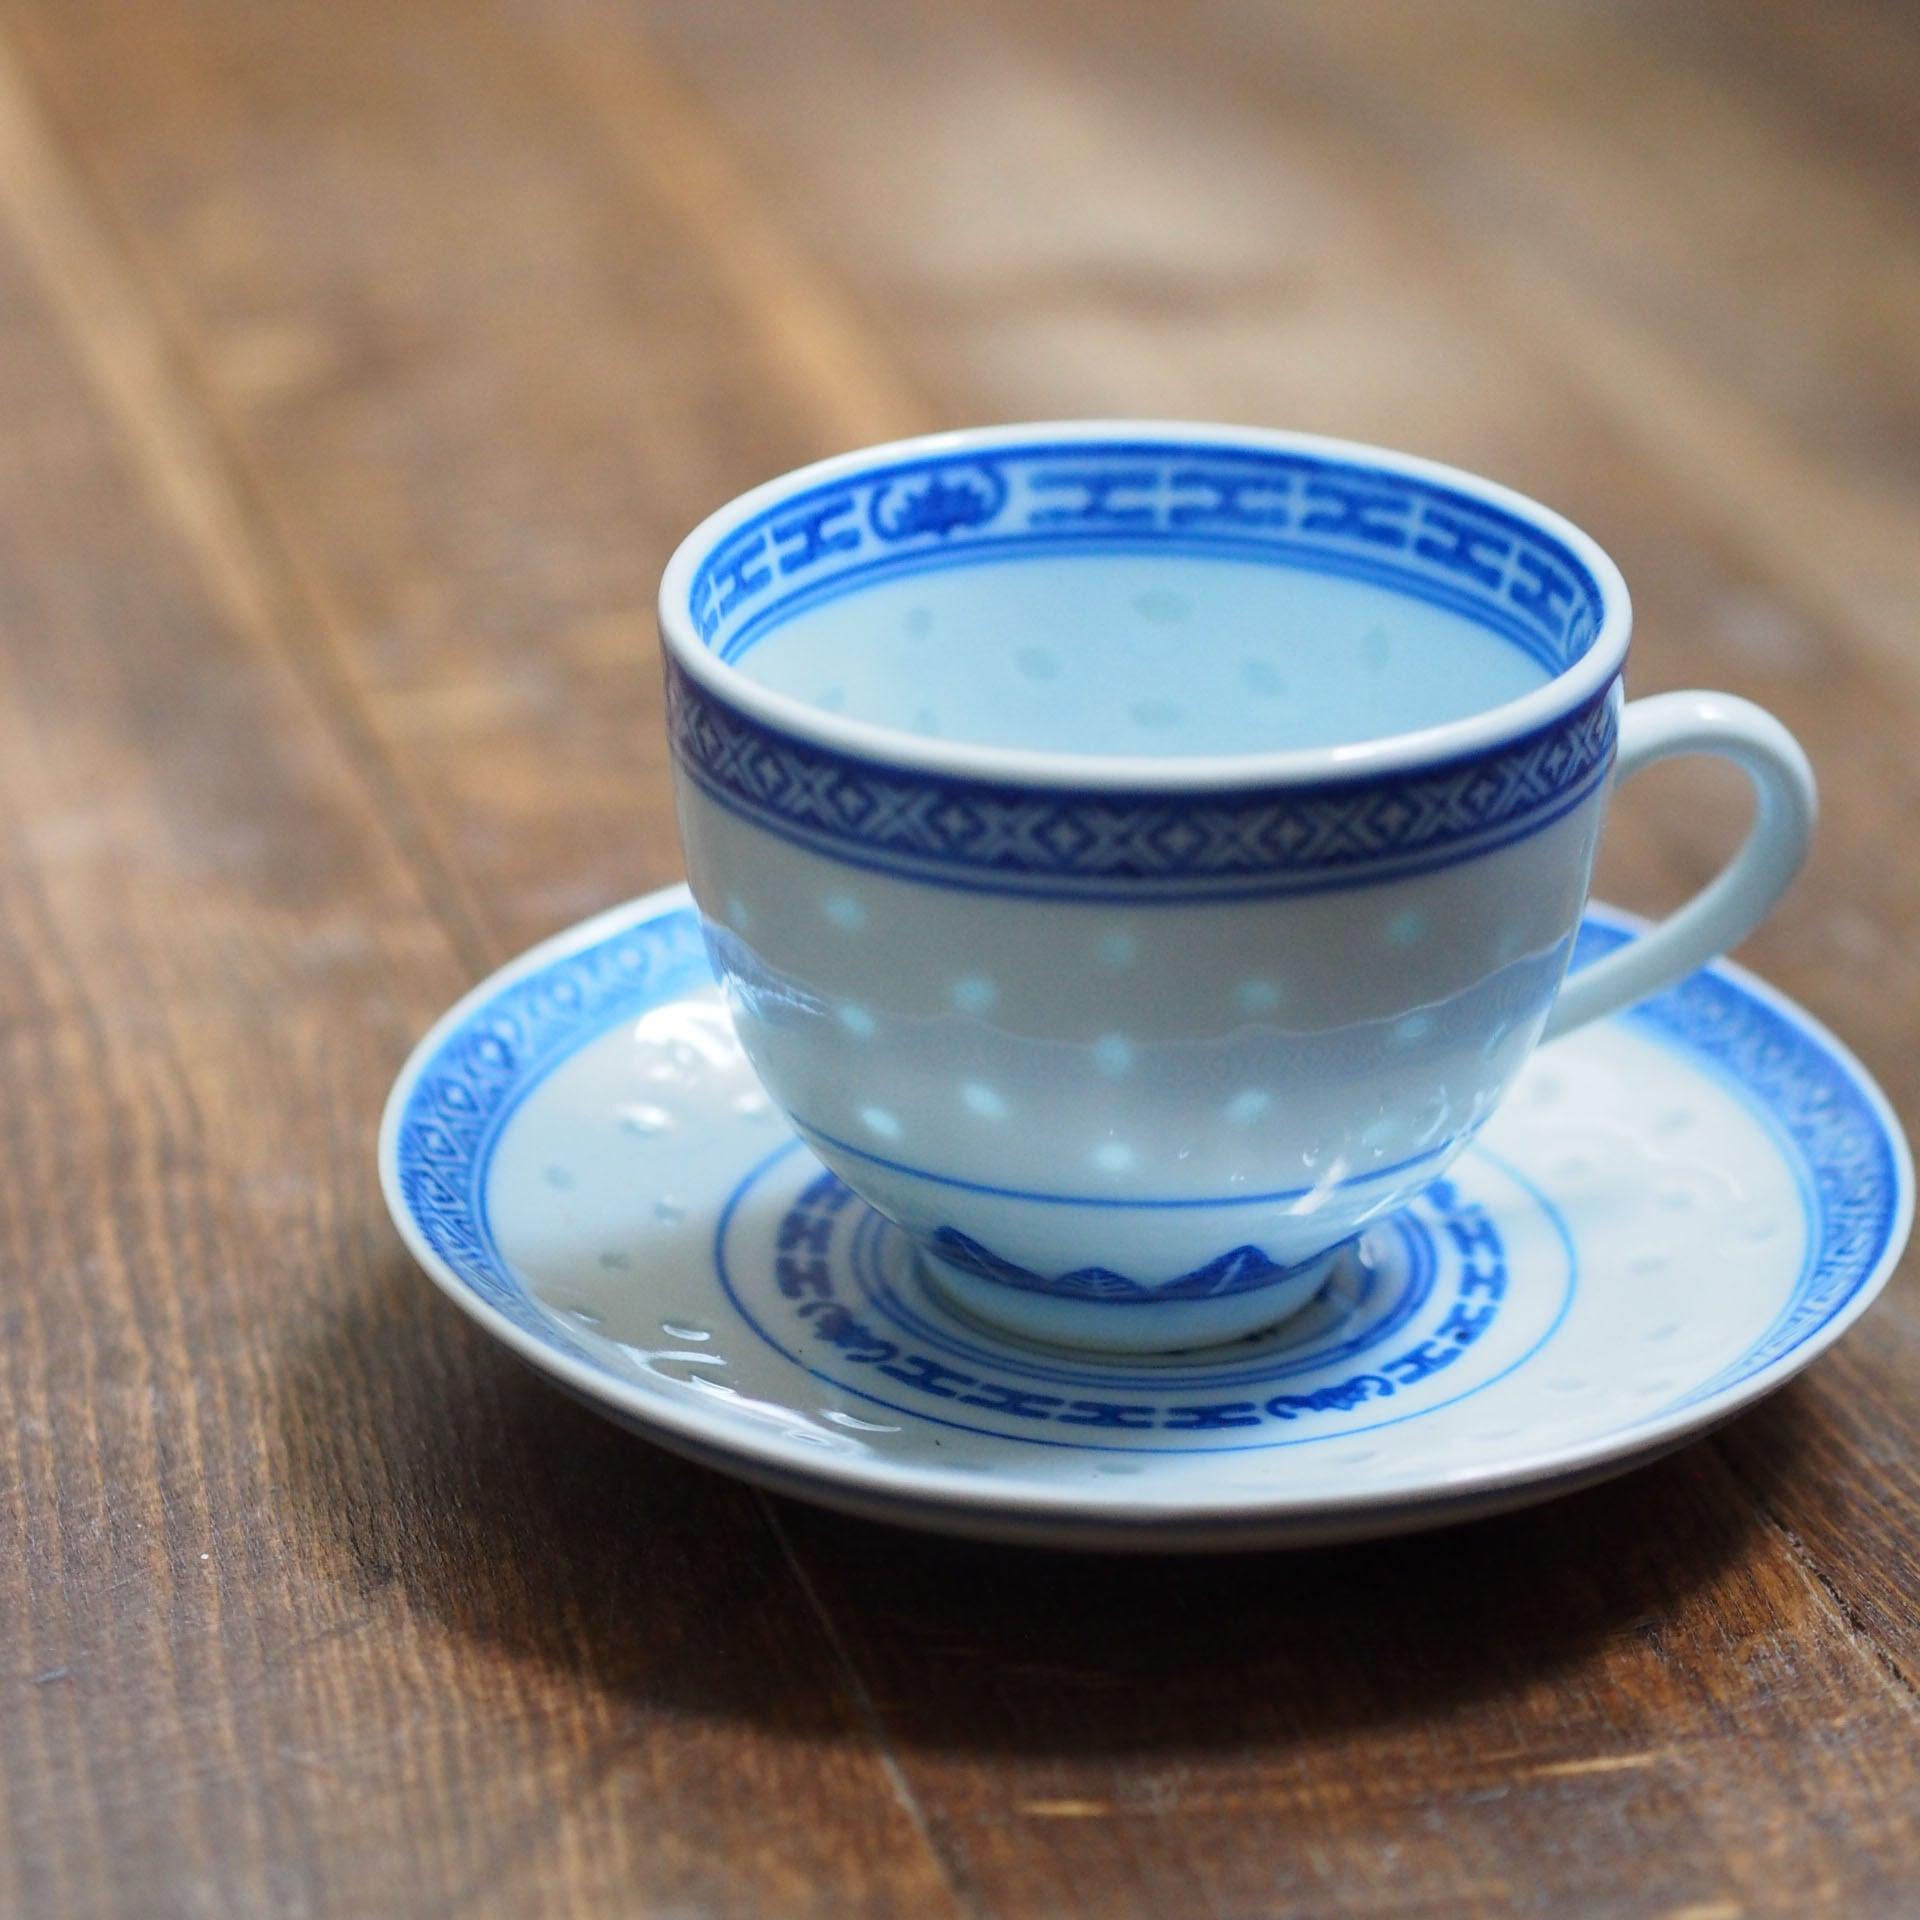 『ちいさめのカップ&ソーサー/Blue&White』景徳鎮/ホタル